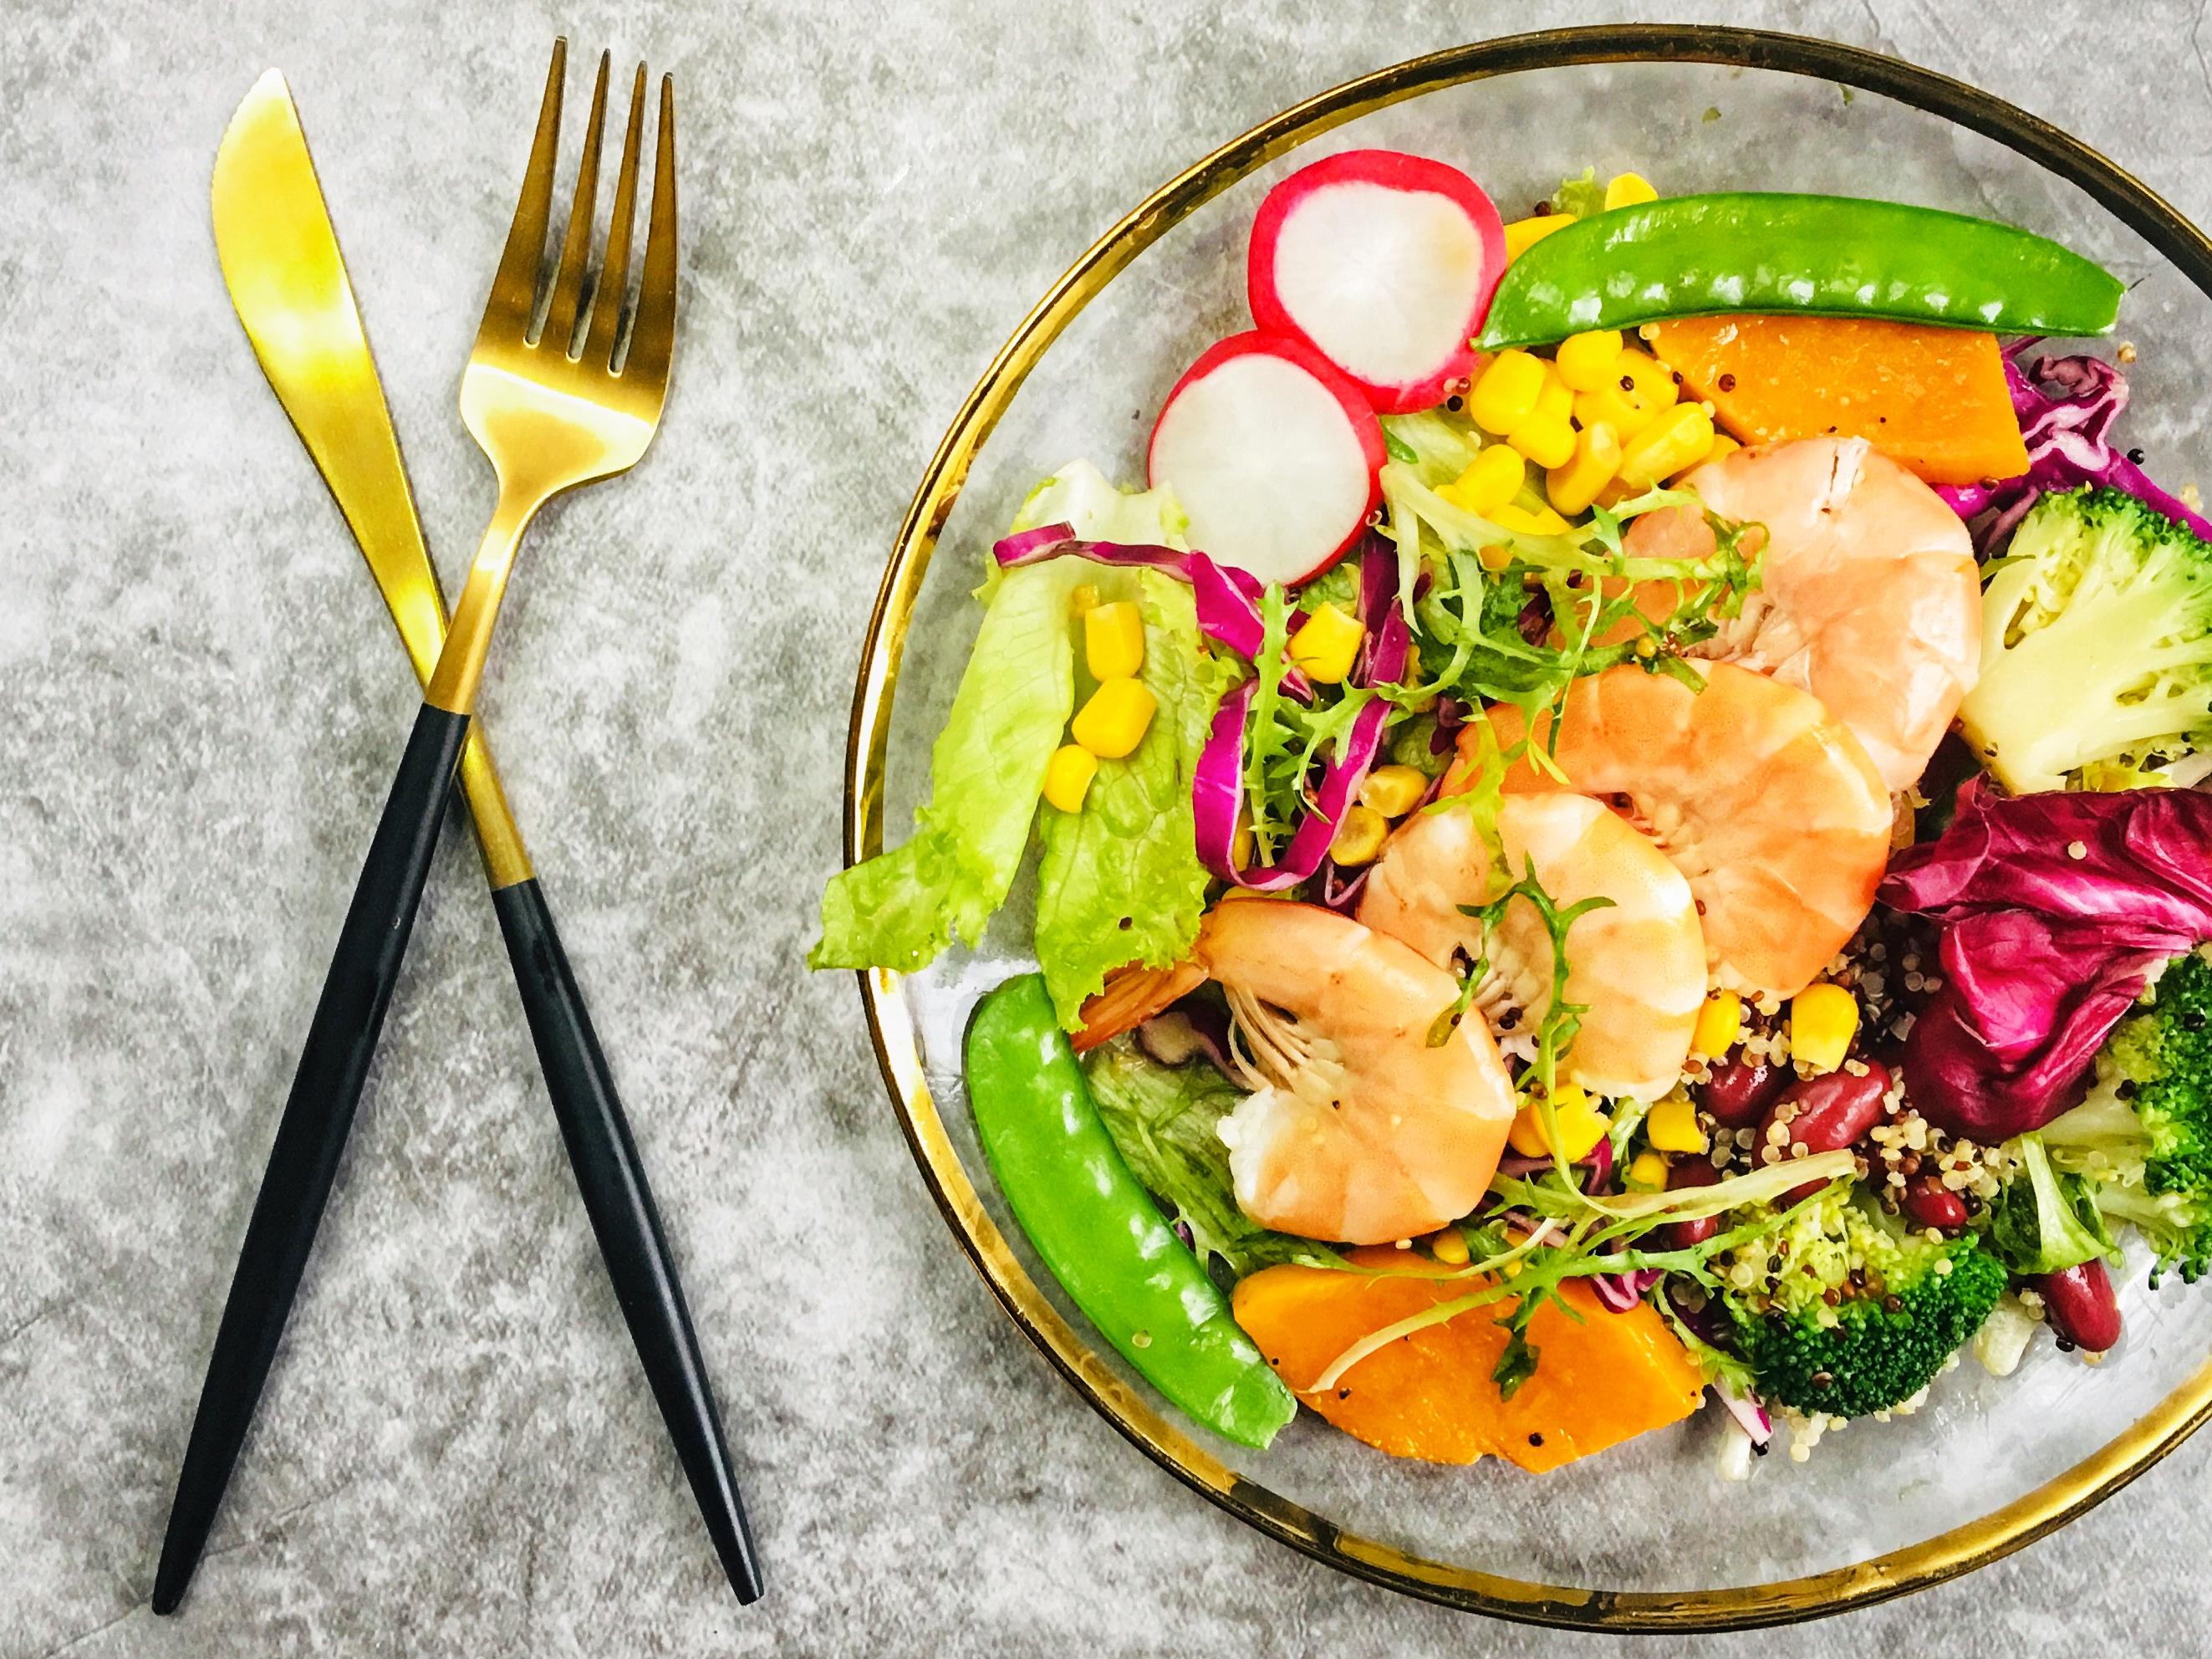 2021最好吃的轻食加盟十大品牌排行榜